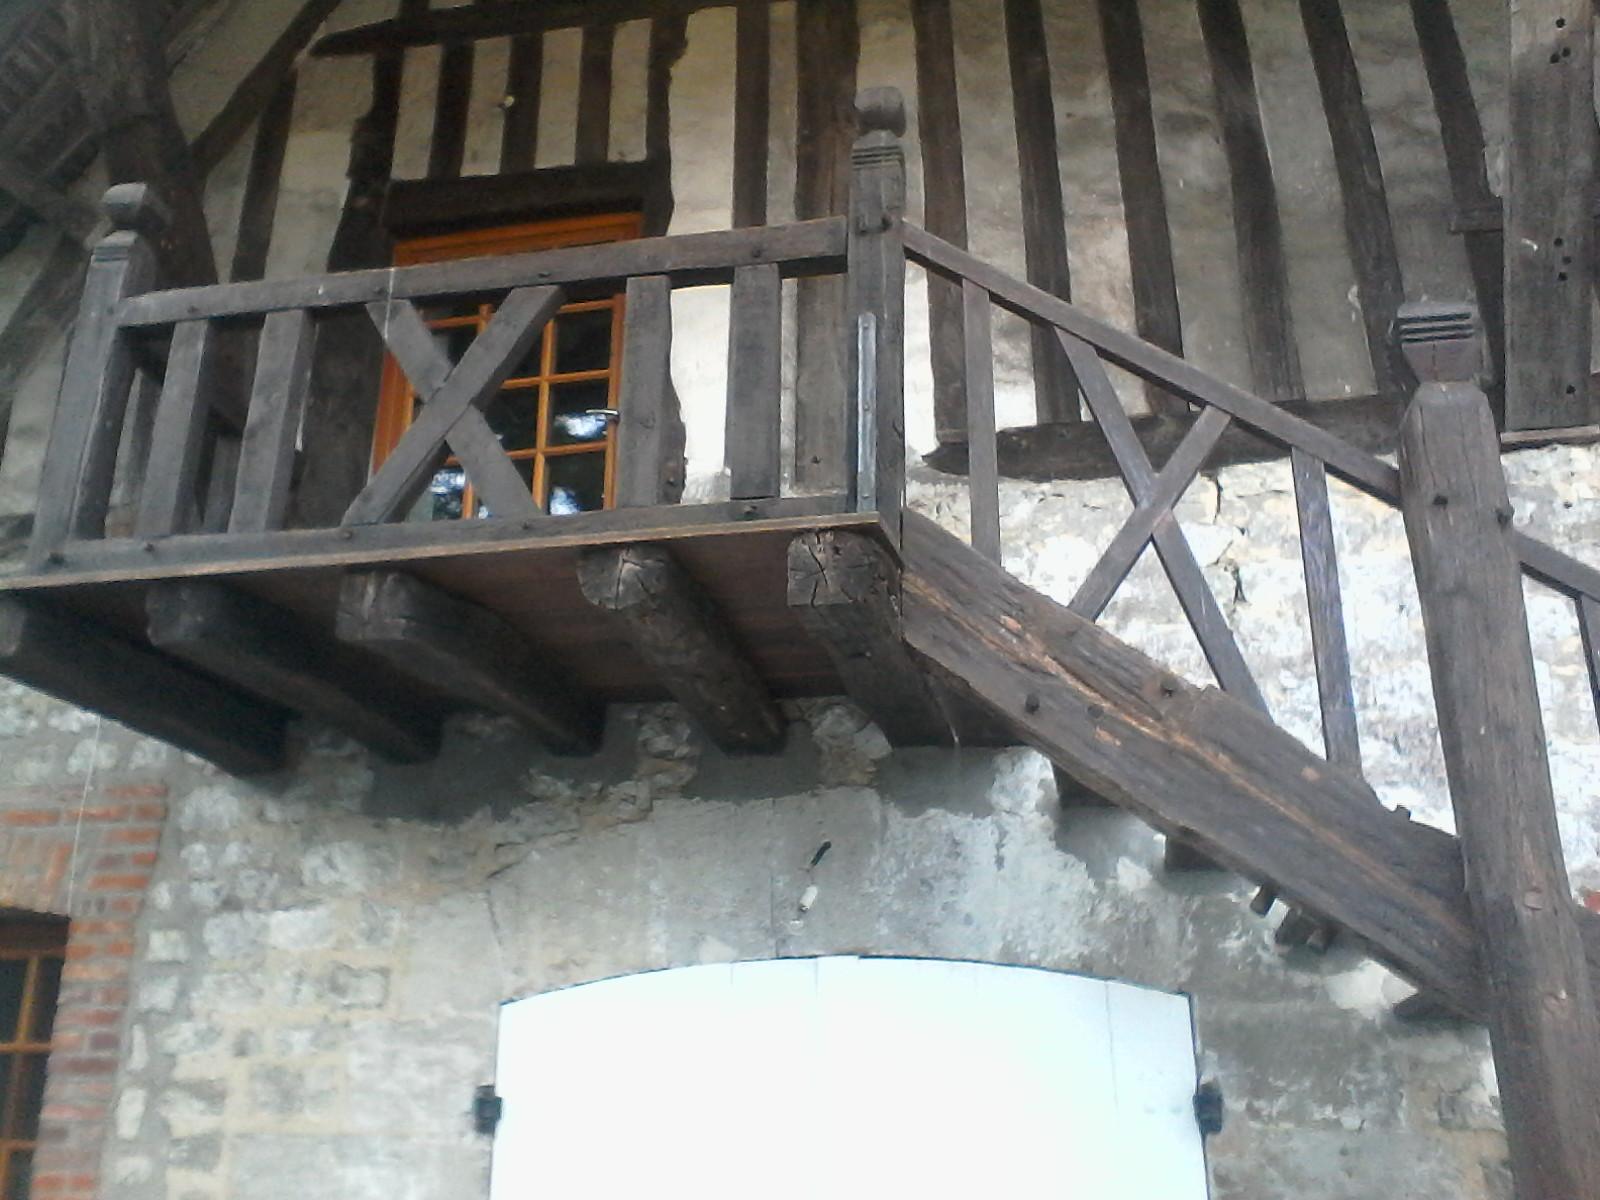 Escalier Val D Oise toutes nos images - décapsable